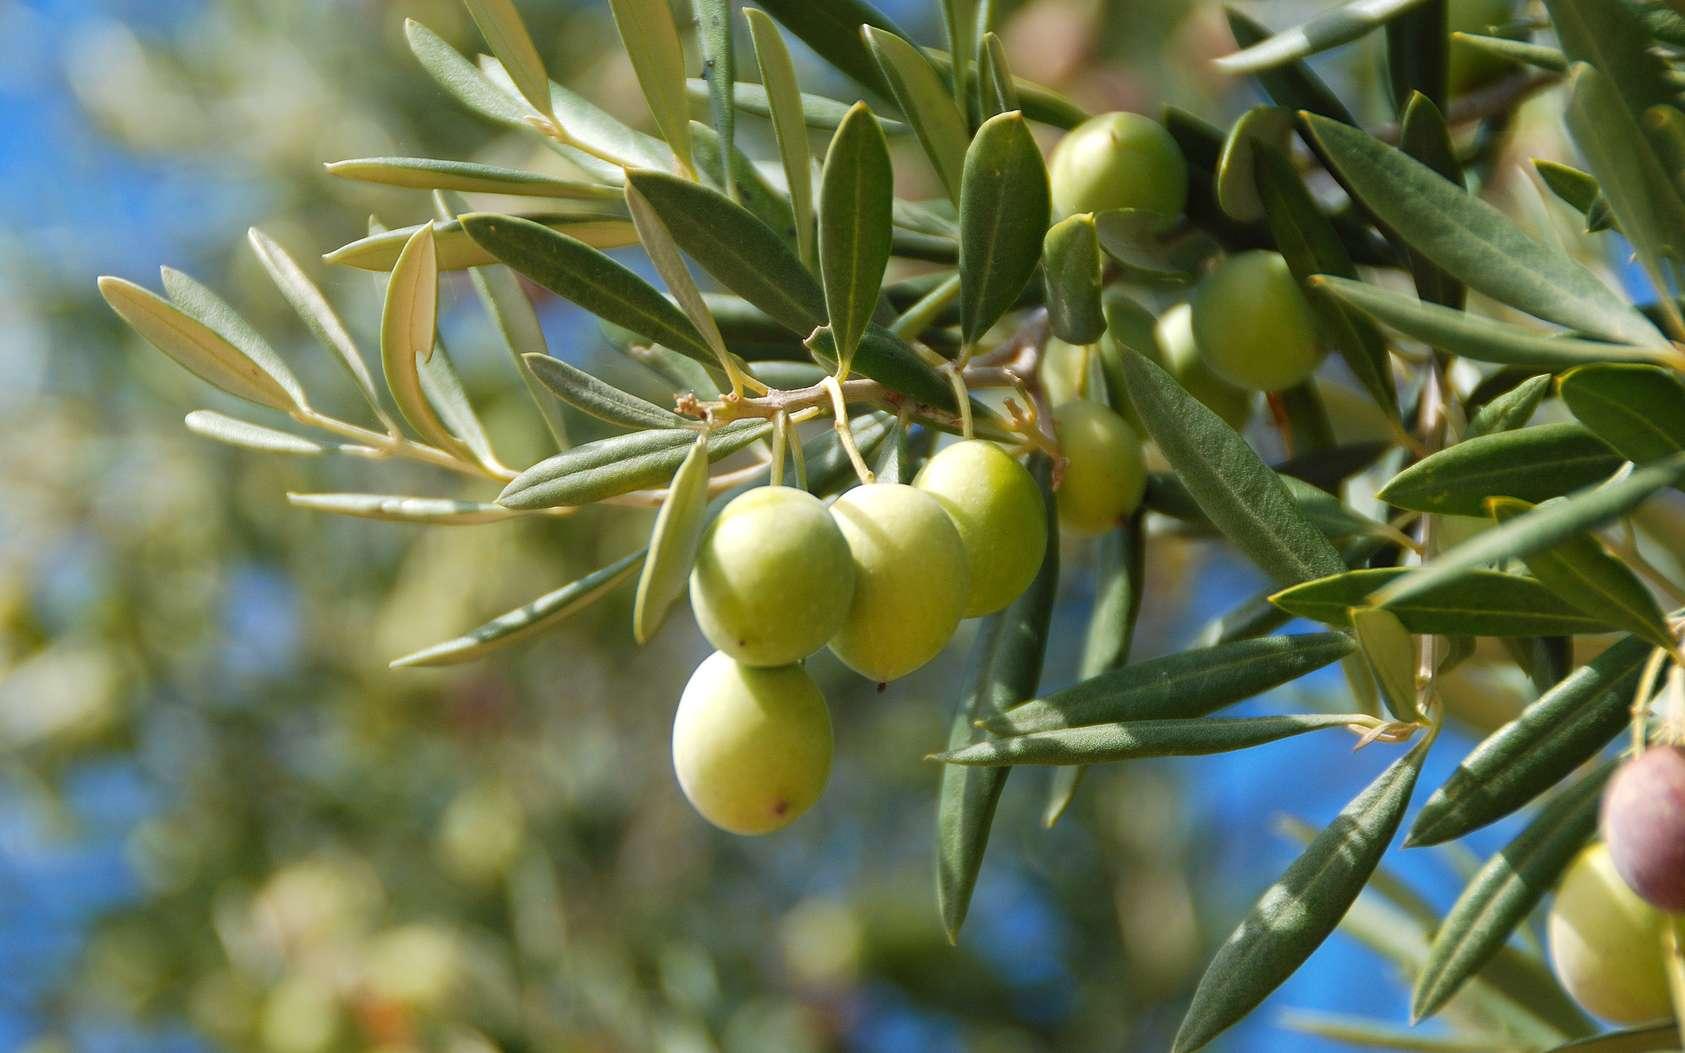 Les oliveraies sont régulièrement attaquées par un insecte qui pond ses œufs dans les olives. © MIKYIMAGENARTE, Fotolia